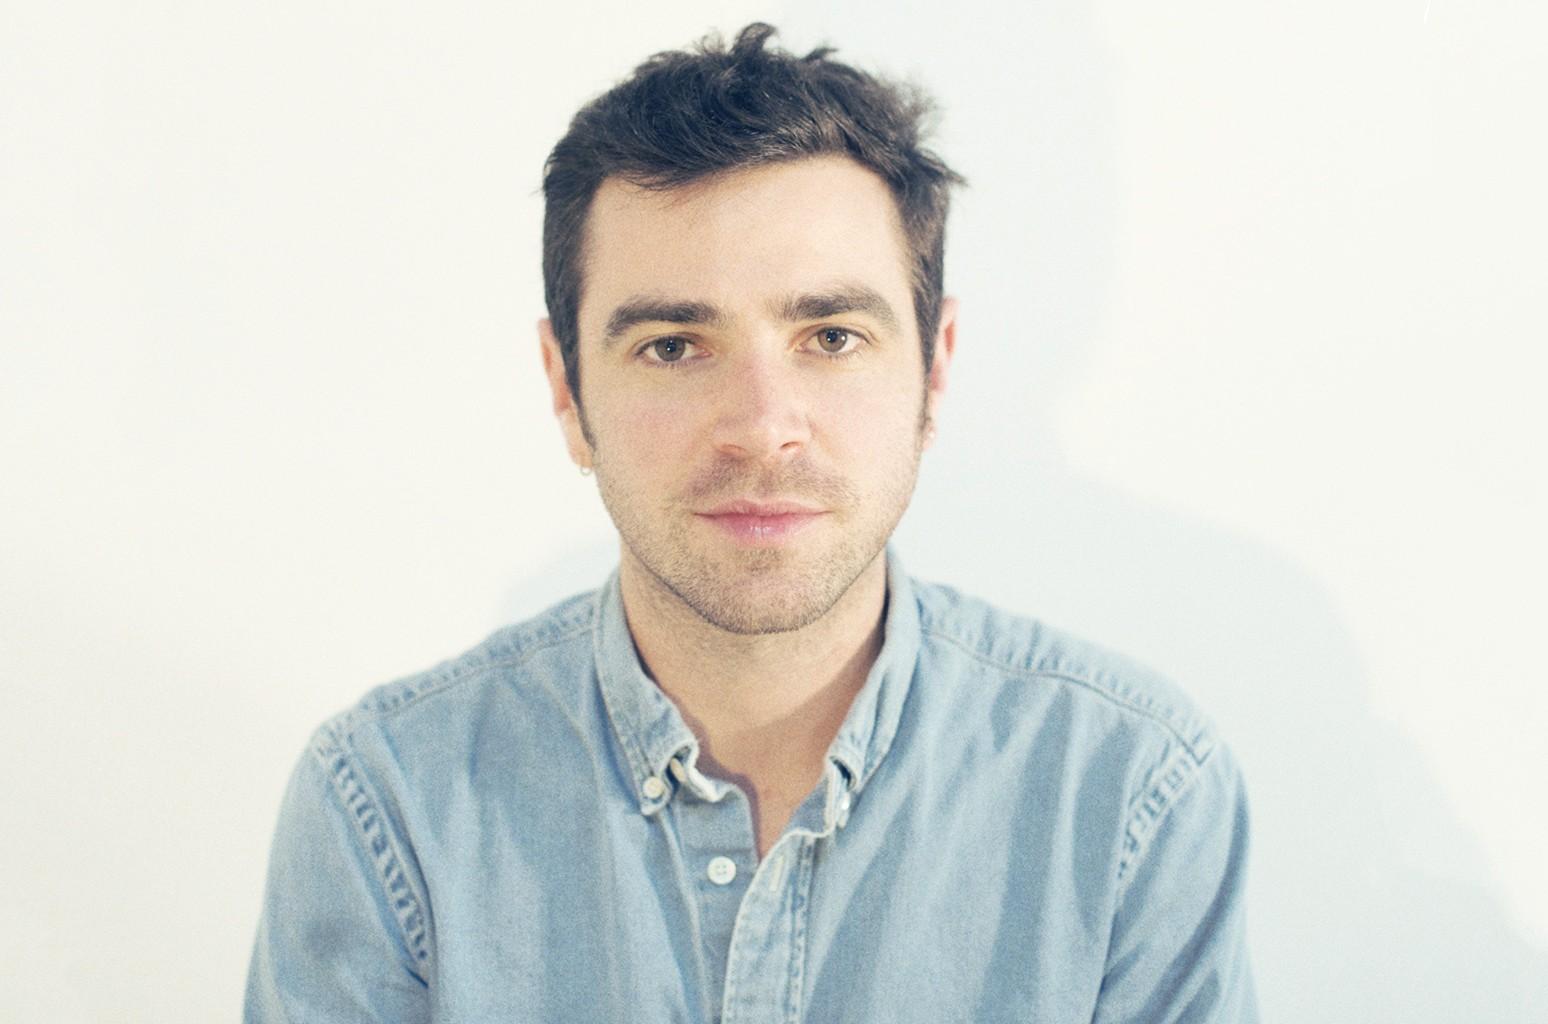 Grant Singer